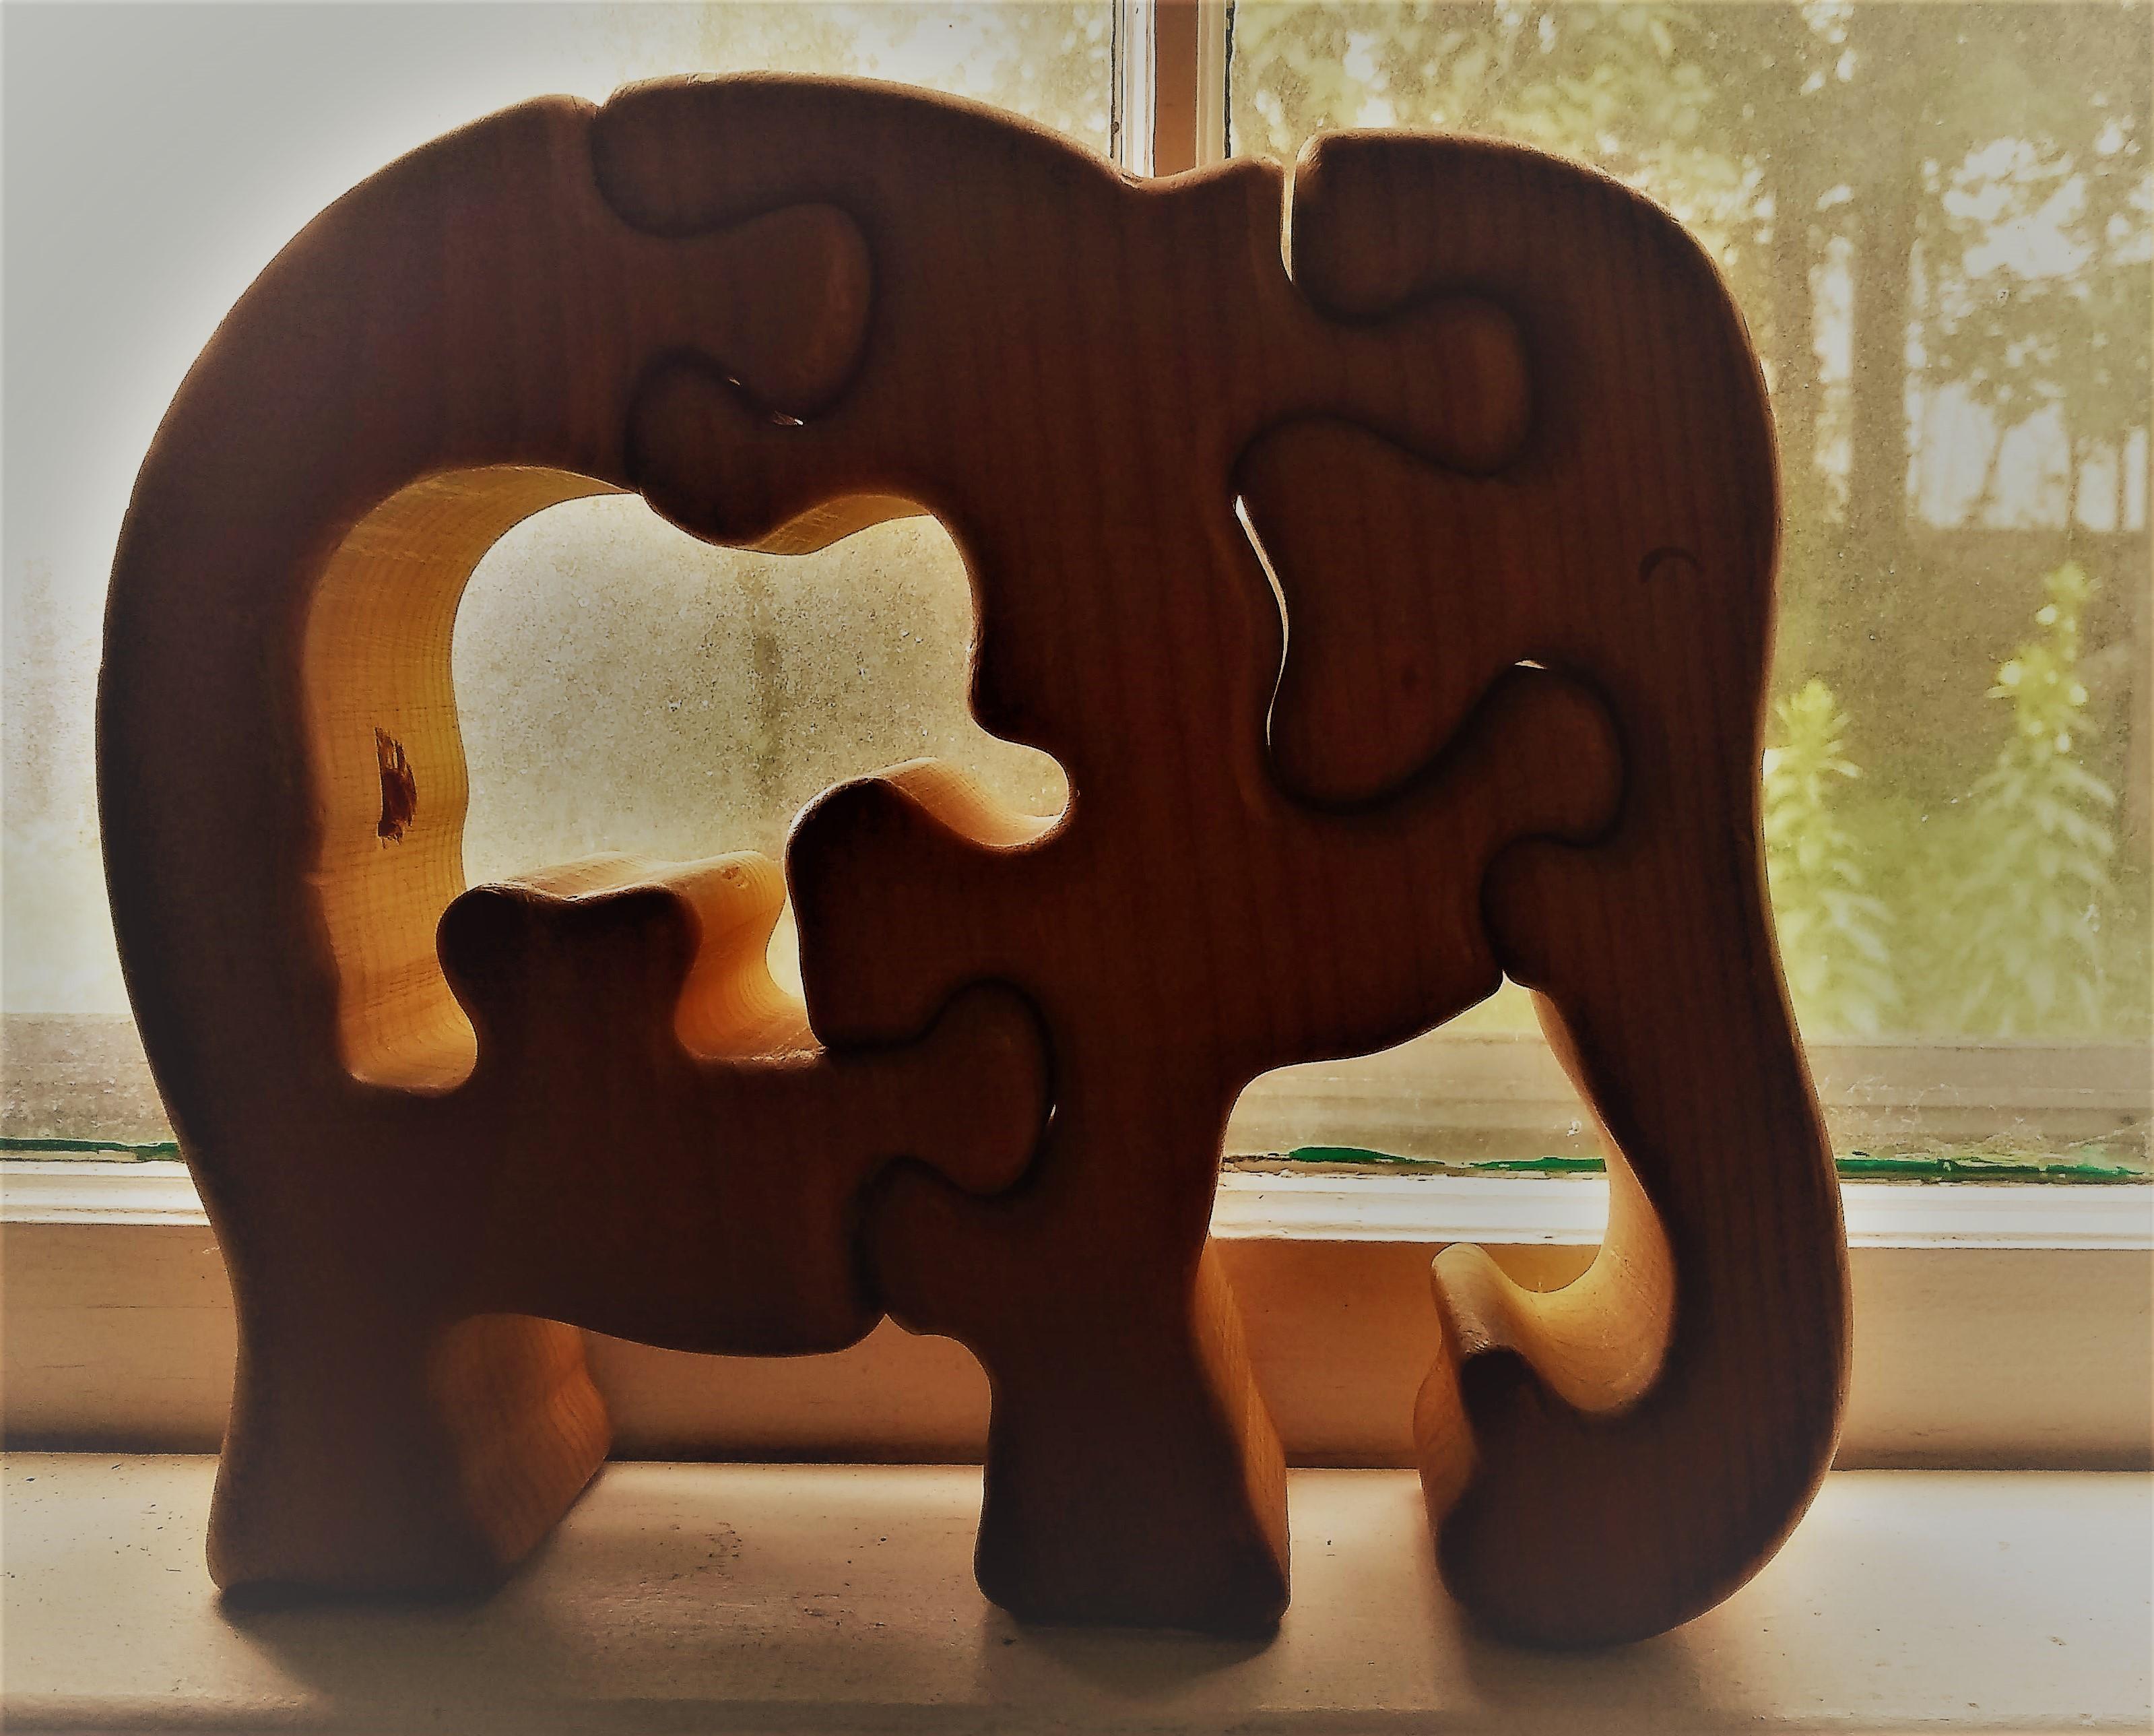 Interrelated Elephants